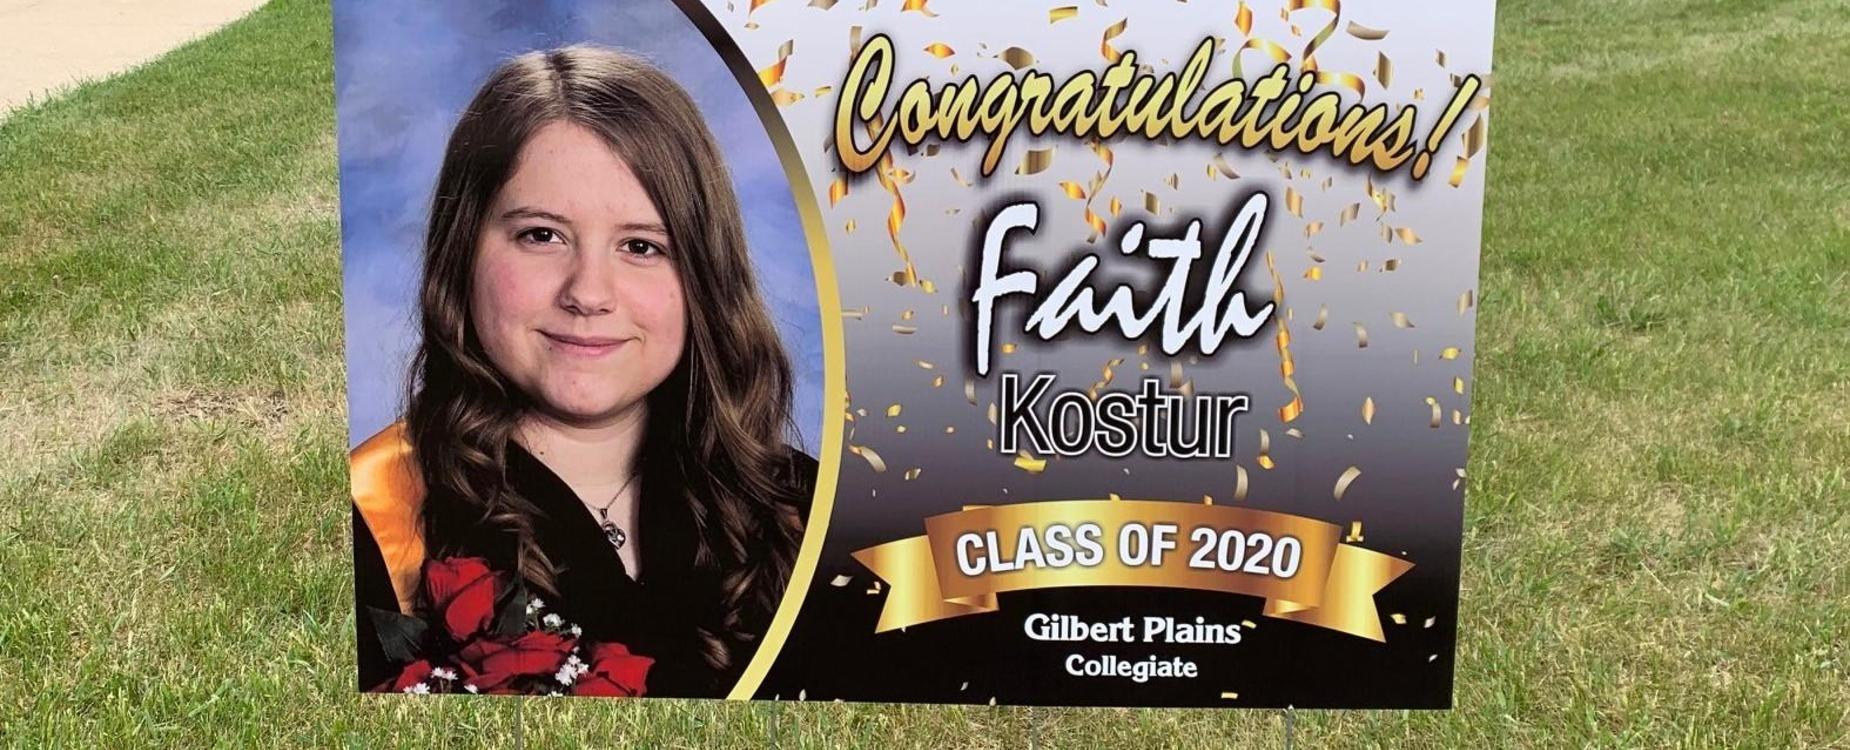 Faith Kostur